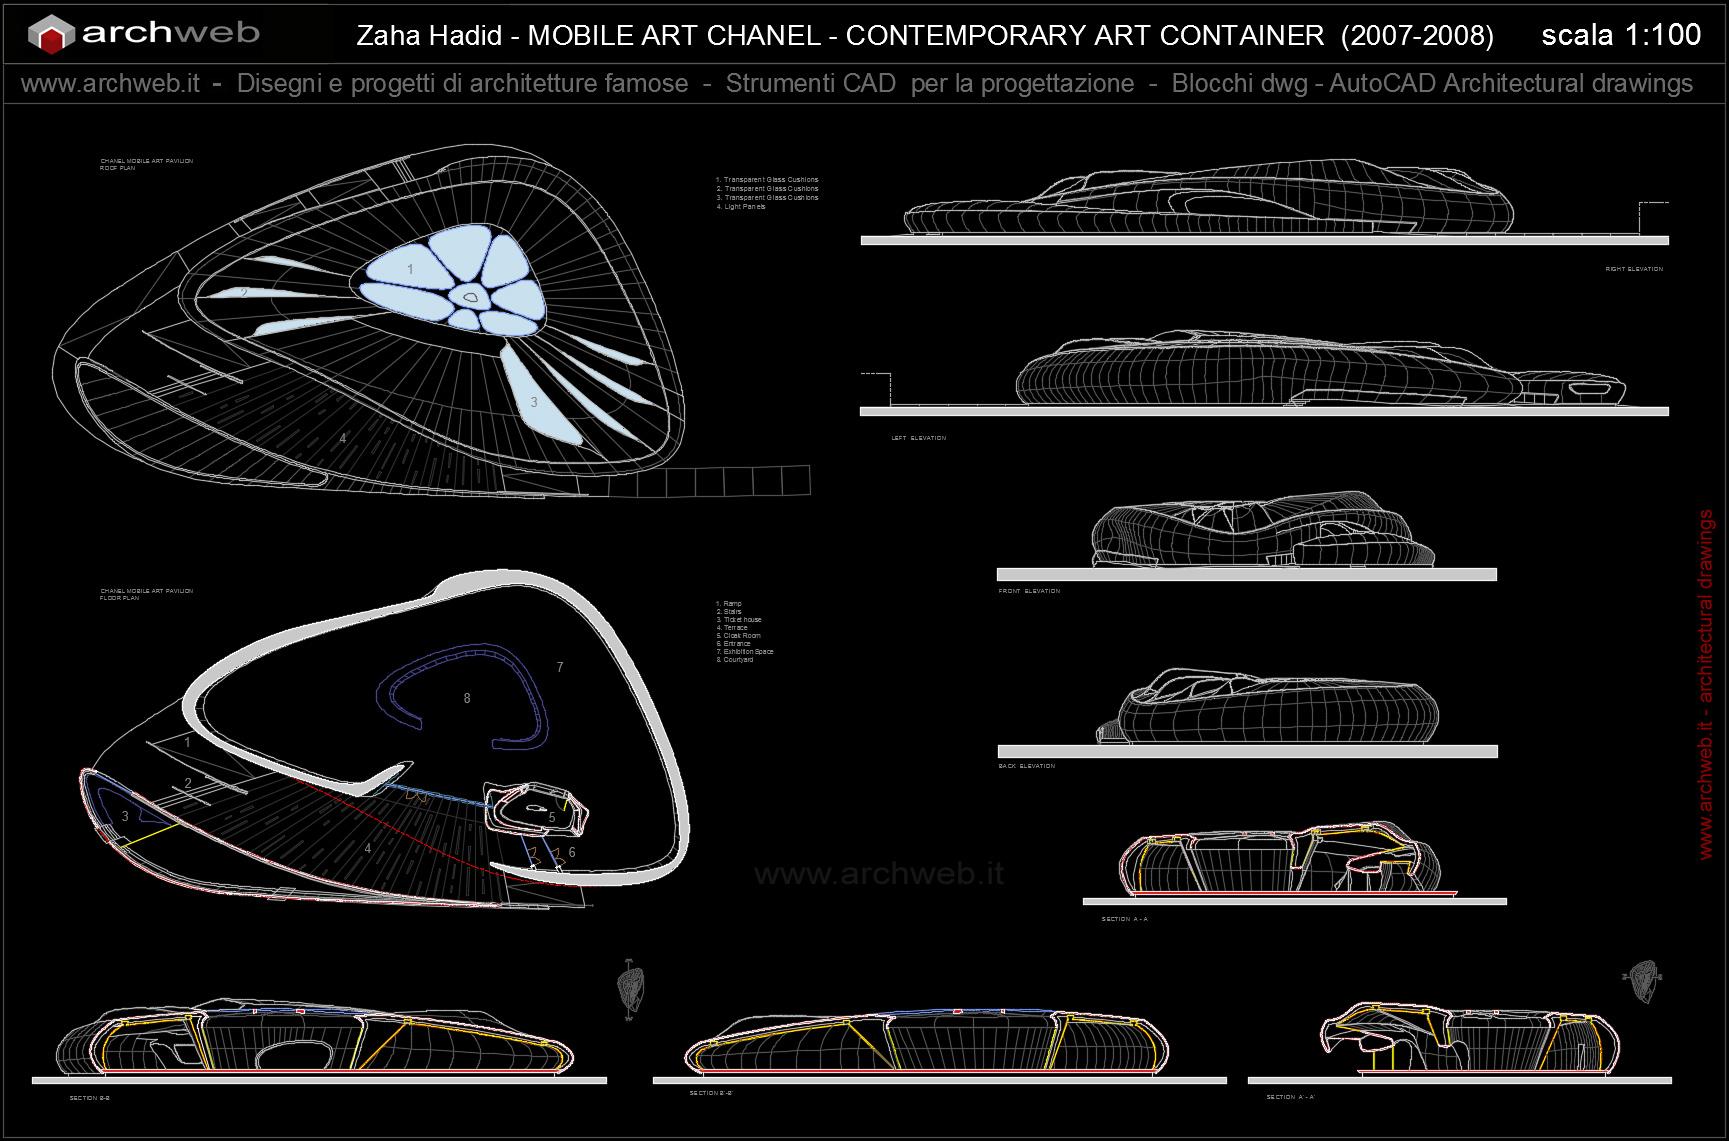 Chanel mobile art pavilion autocad dwg for Autocad arredi